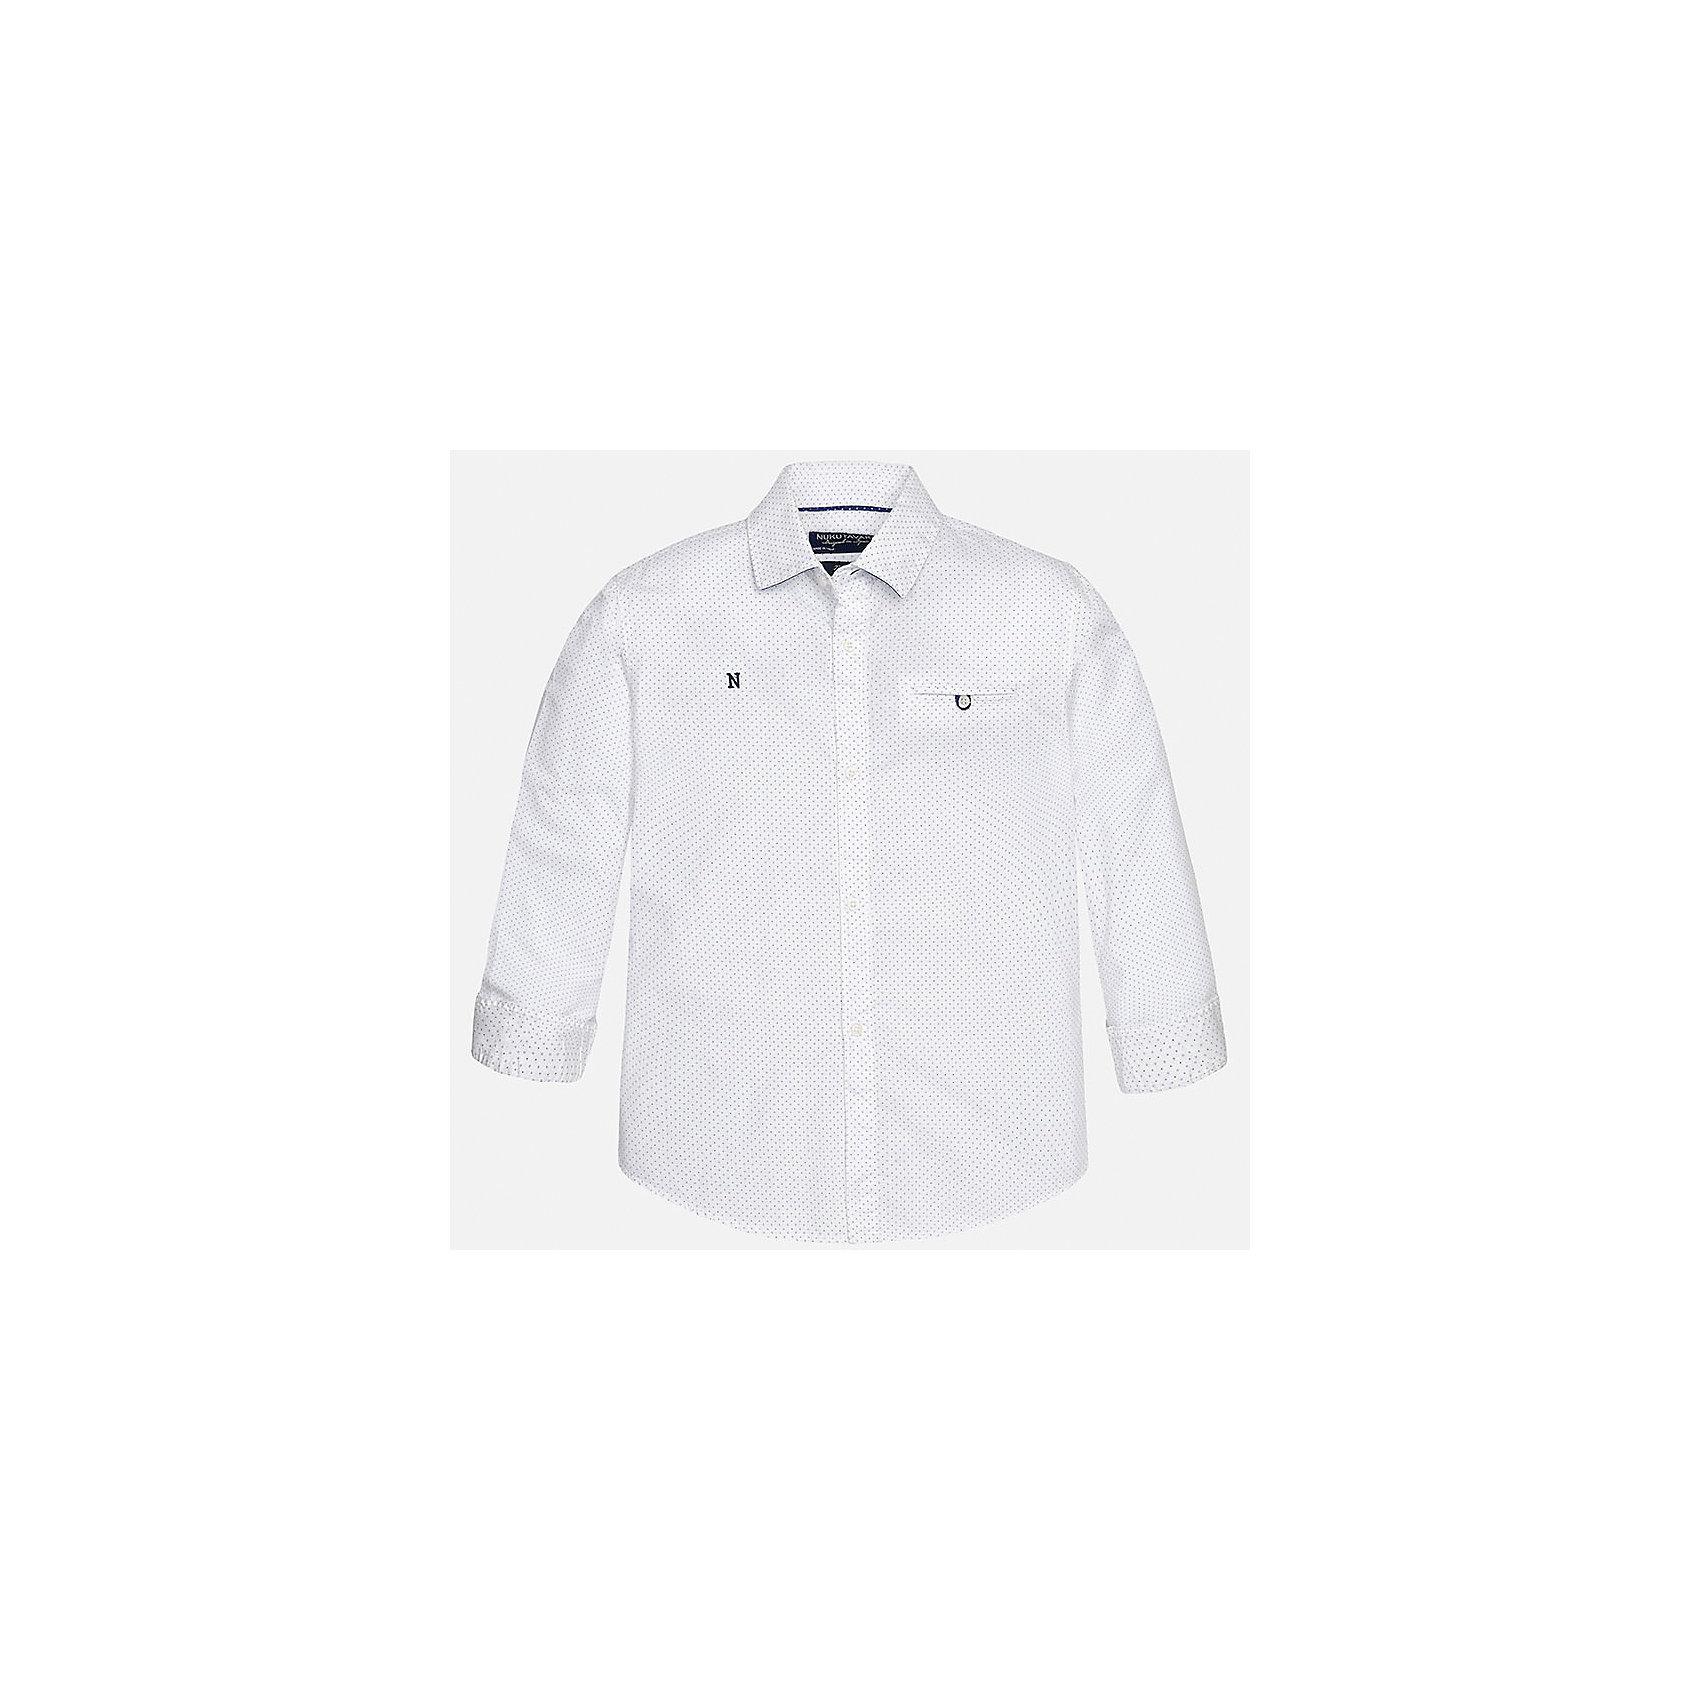 Рубашка для мальчика MayoralБлузки и рубашки<br>Характеристики товара:<br><br>• цвет: белый<br>• состав: 100% хлопок<br>• отложной воротник<br>• декорирована карманом и вышивкой на груди<br>• рукава с отворотами<br>• застежки: пуговицы<br>• страна бренда: Испания<br><br>Модная рубашка поможет разнообразить гардероб мальчика. Она отлично сочетается с брюками, шортами, джинсами. Универсальный крой и цвет позволяет подобрать к вещи низ разных расцветок. Практичное и стильное изделие! Хорошо смотрится и комфортно сидит на детях. В составе материала - только натуральный хлопок, гипоаллергенный, приятный на ощупь, дышащий. <br><br>Одежда, обувь и аксессуары от испанского бренда Mayoral полюбились детям и взрослым по всему миру. Модели этой марки - стильные и удобные. Для их производства используются только безопасные, качественные материалы и фурнитура. Порадуйте ребенка модными и красивыми вещами от Mayoral! <br><br>Рубашку для мальчика от испанского бренда Mayoral (Майорал) можно купить в нашем интернет-магазине.<br><br>Ширина мм: 174<br>Глубина мм: 10<br>Высота мм: 169<br>Вес г: 157<br>Цвет: белый<br>Возраст от месяцев: 132<br>Возраст до месяцев: 144<br>Пол: Мужской<br>Возраст: Детский<br>Размер: 158,128/134,140,152,164,170<br>SKU: 5281687